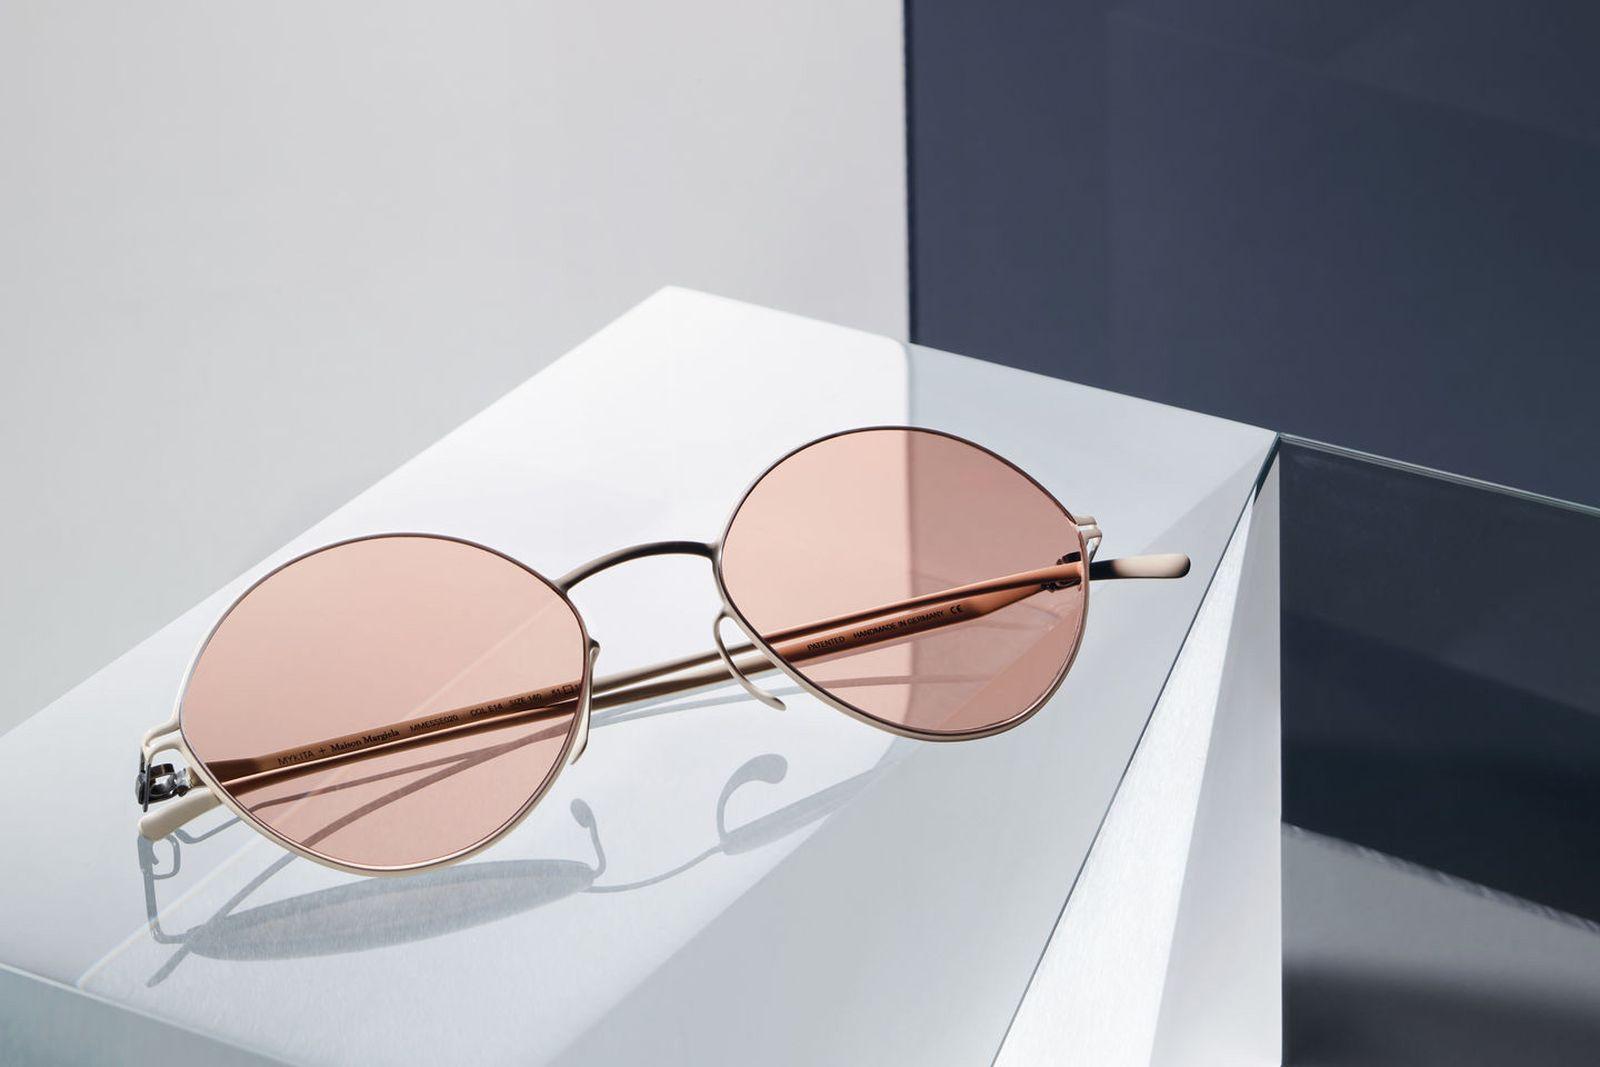 maison-margiela-mykita-eyewear-09